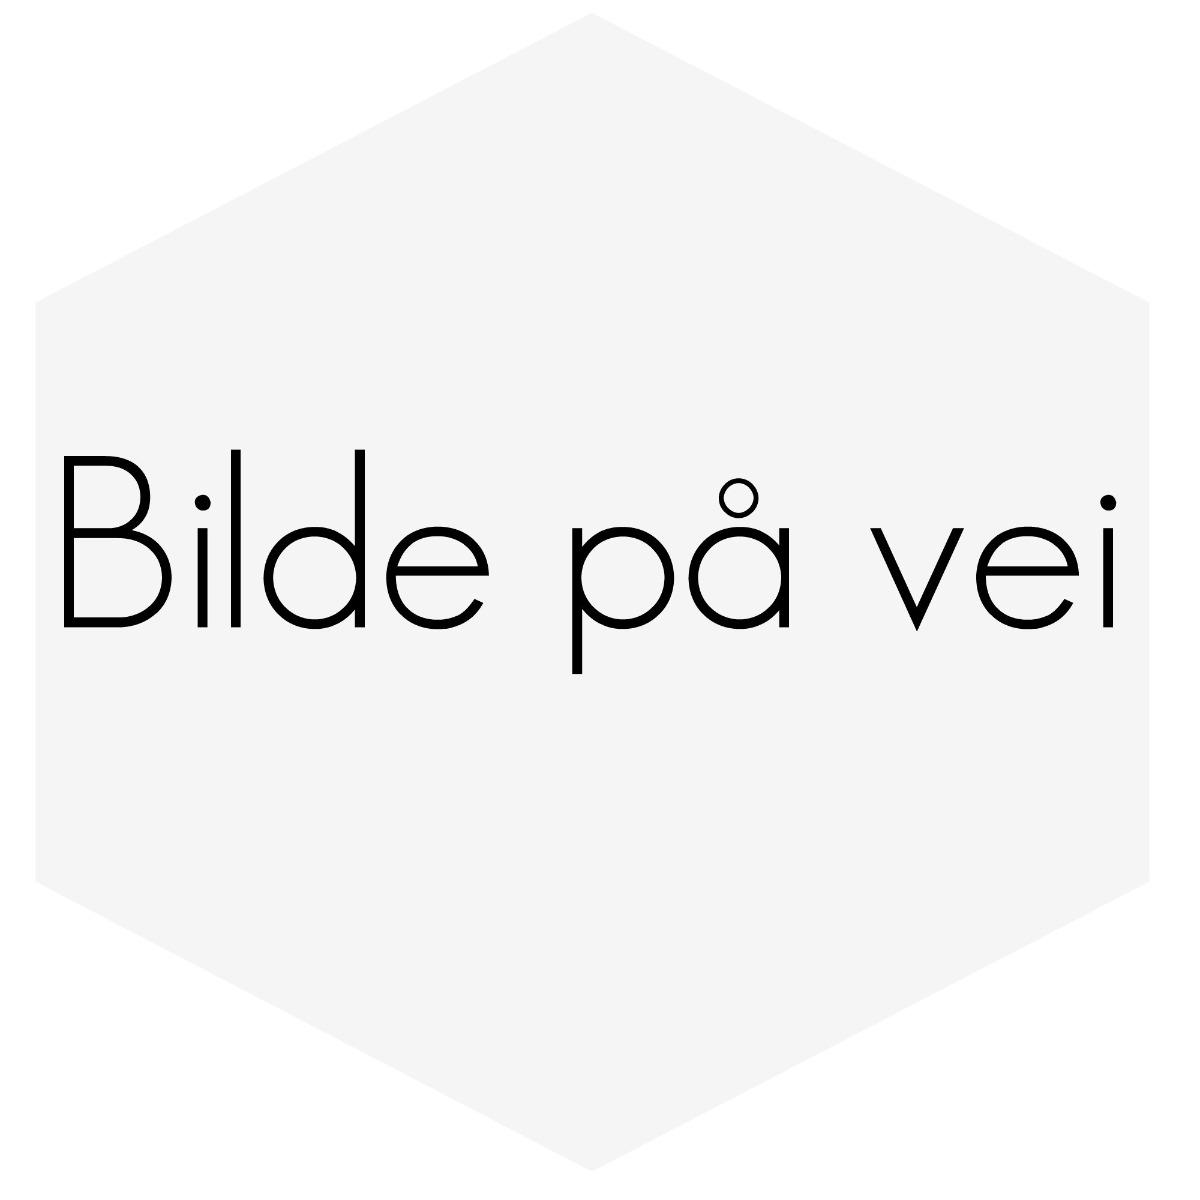 FELG ALU 8,5X18 5PÅ108 ET6,KJENT SOM MK18  PRIS STK BLANK